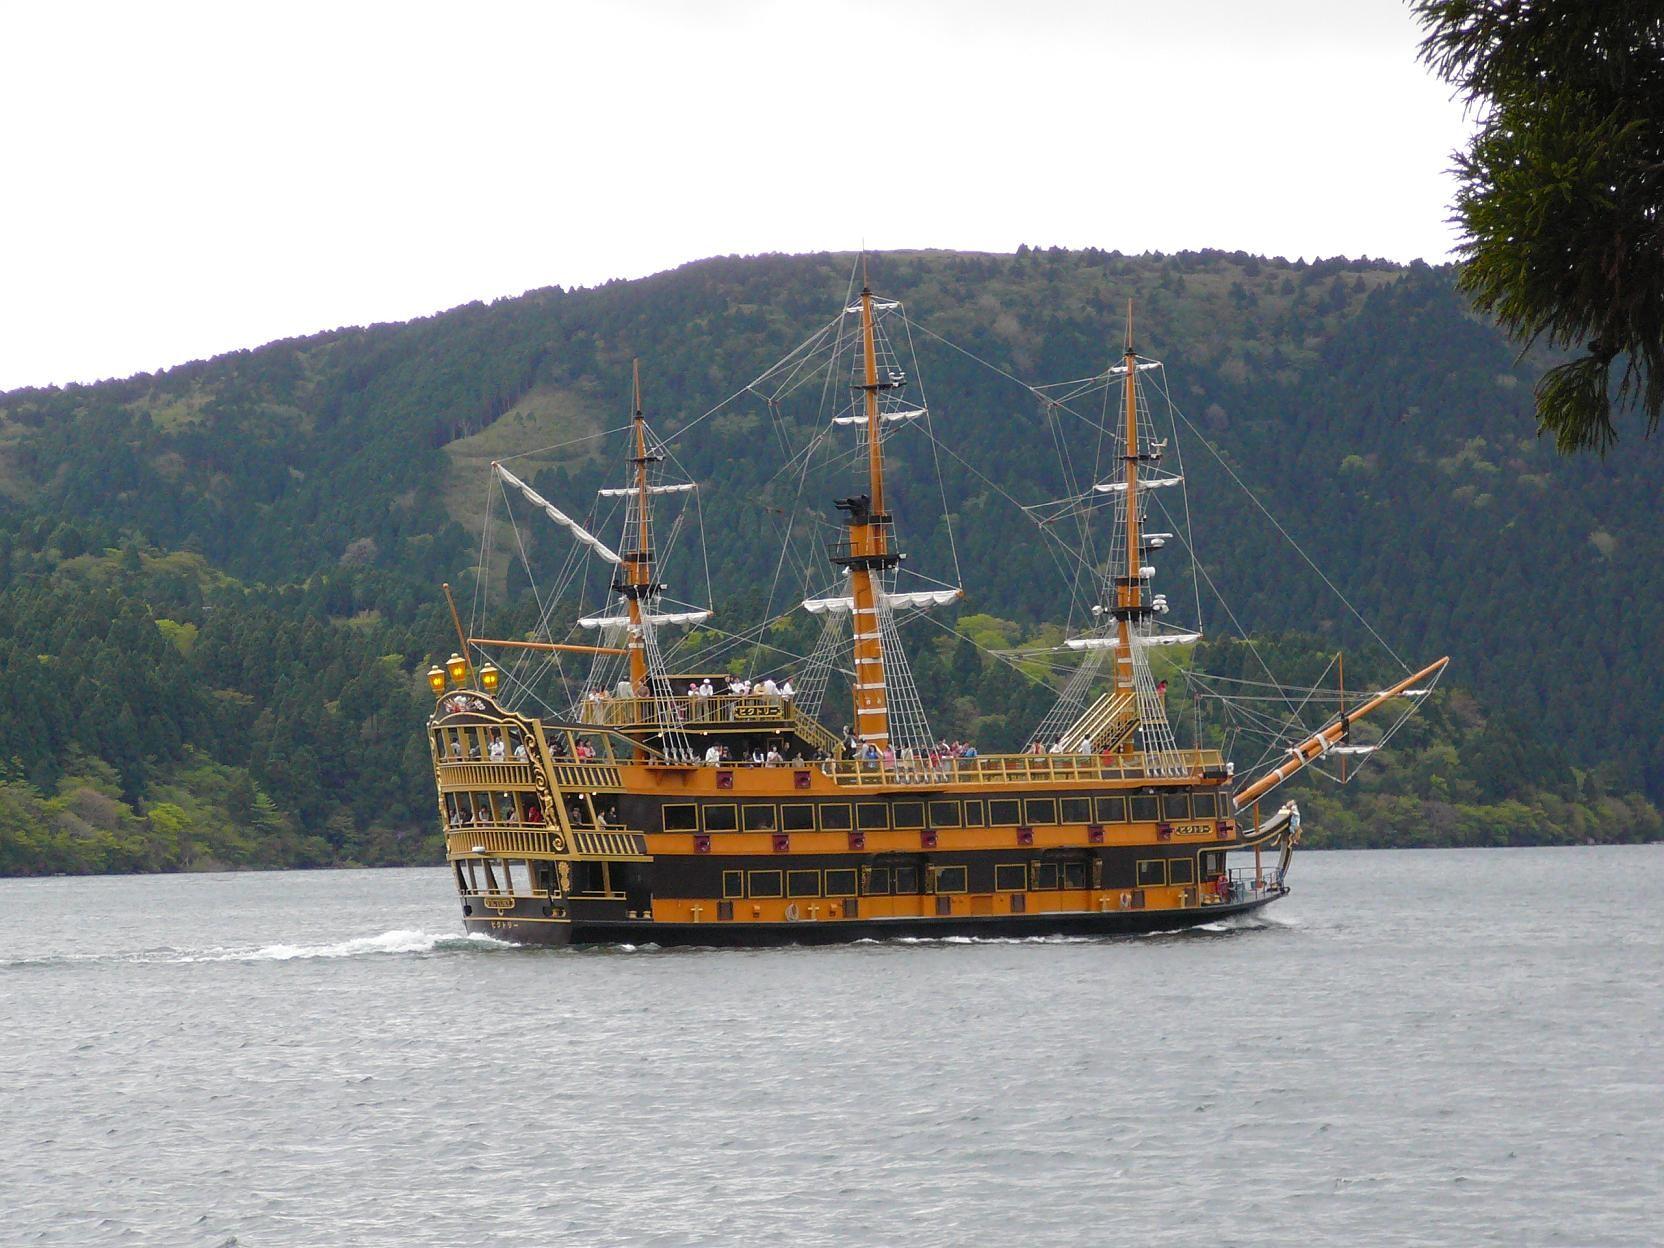 【箱根一日遊】蘆之湖海盜船、箱根空中纜車、御殿場 Outlets